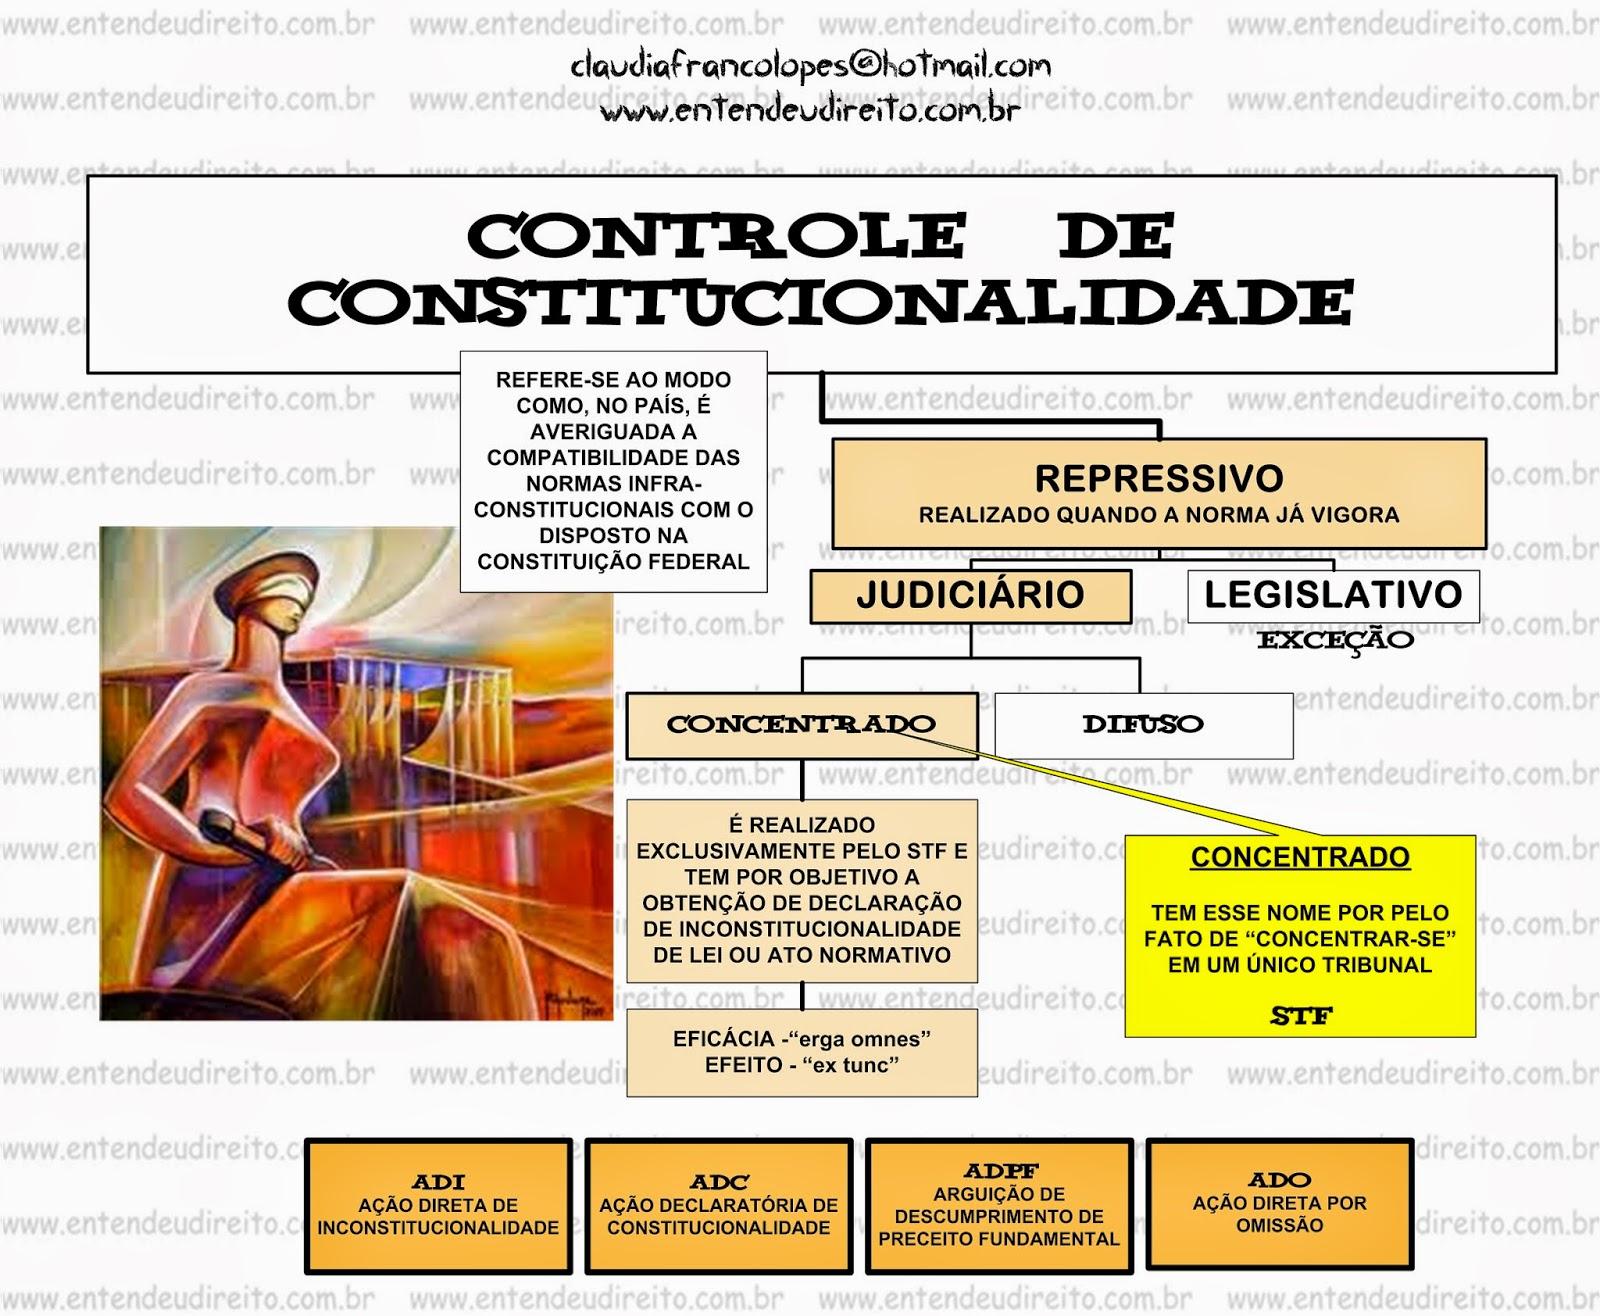 Fluxograma Controle De Constitucionalidade - Direito Constitucional I